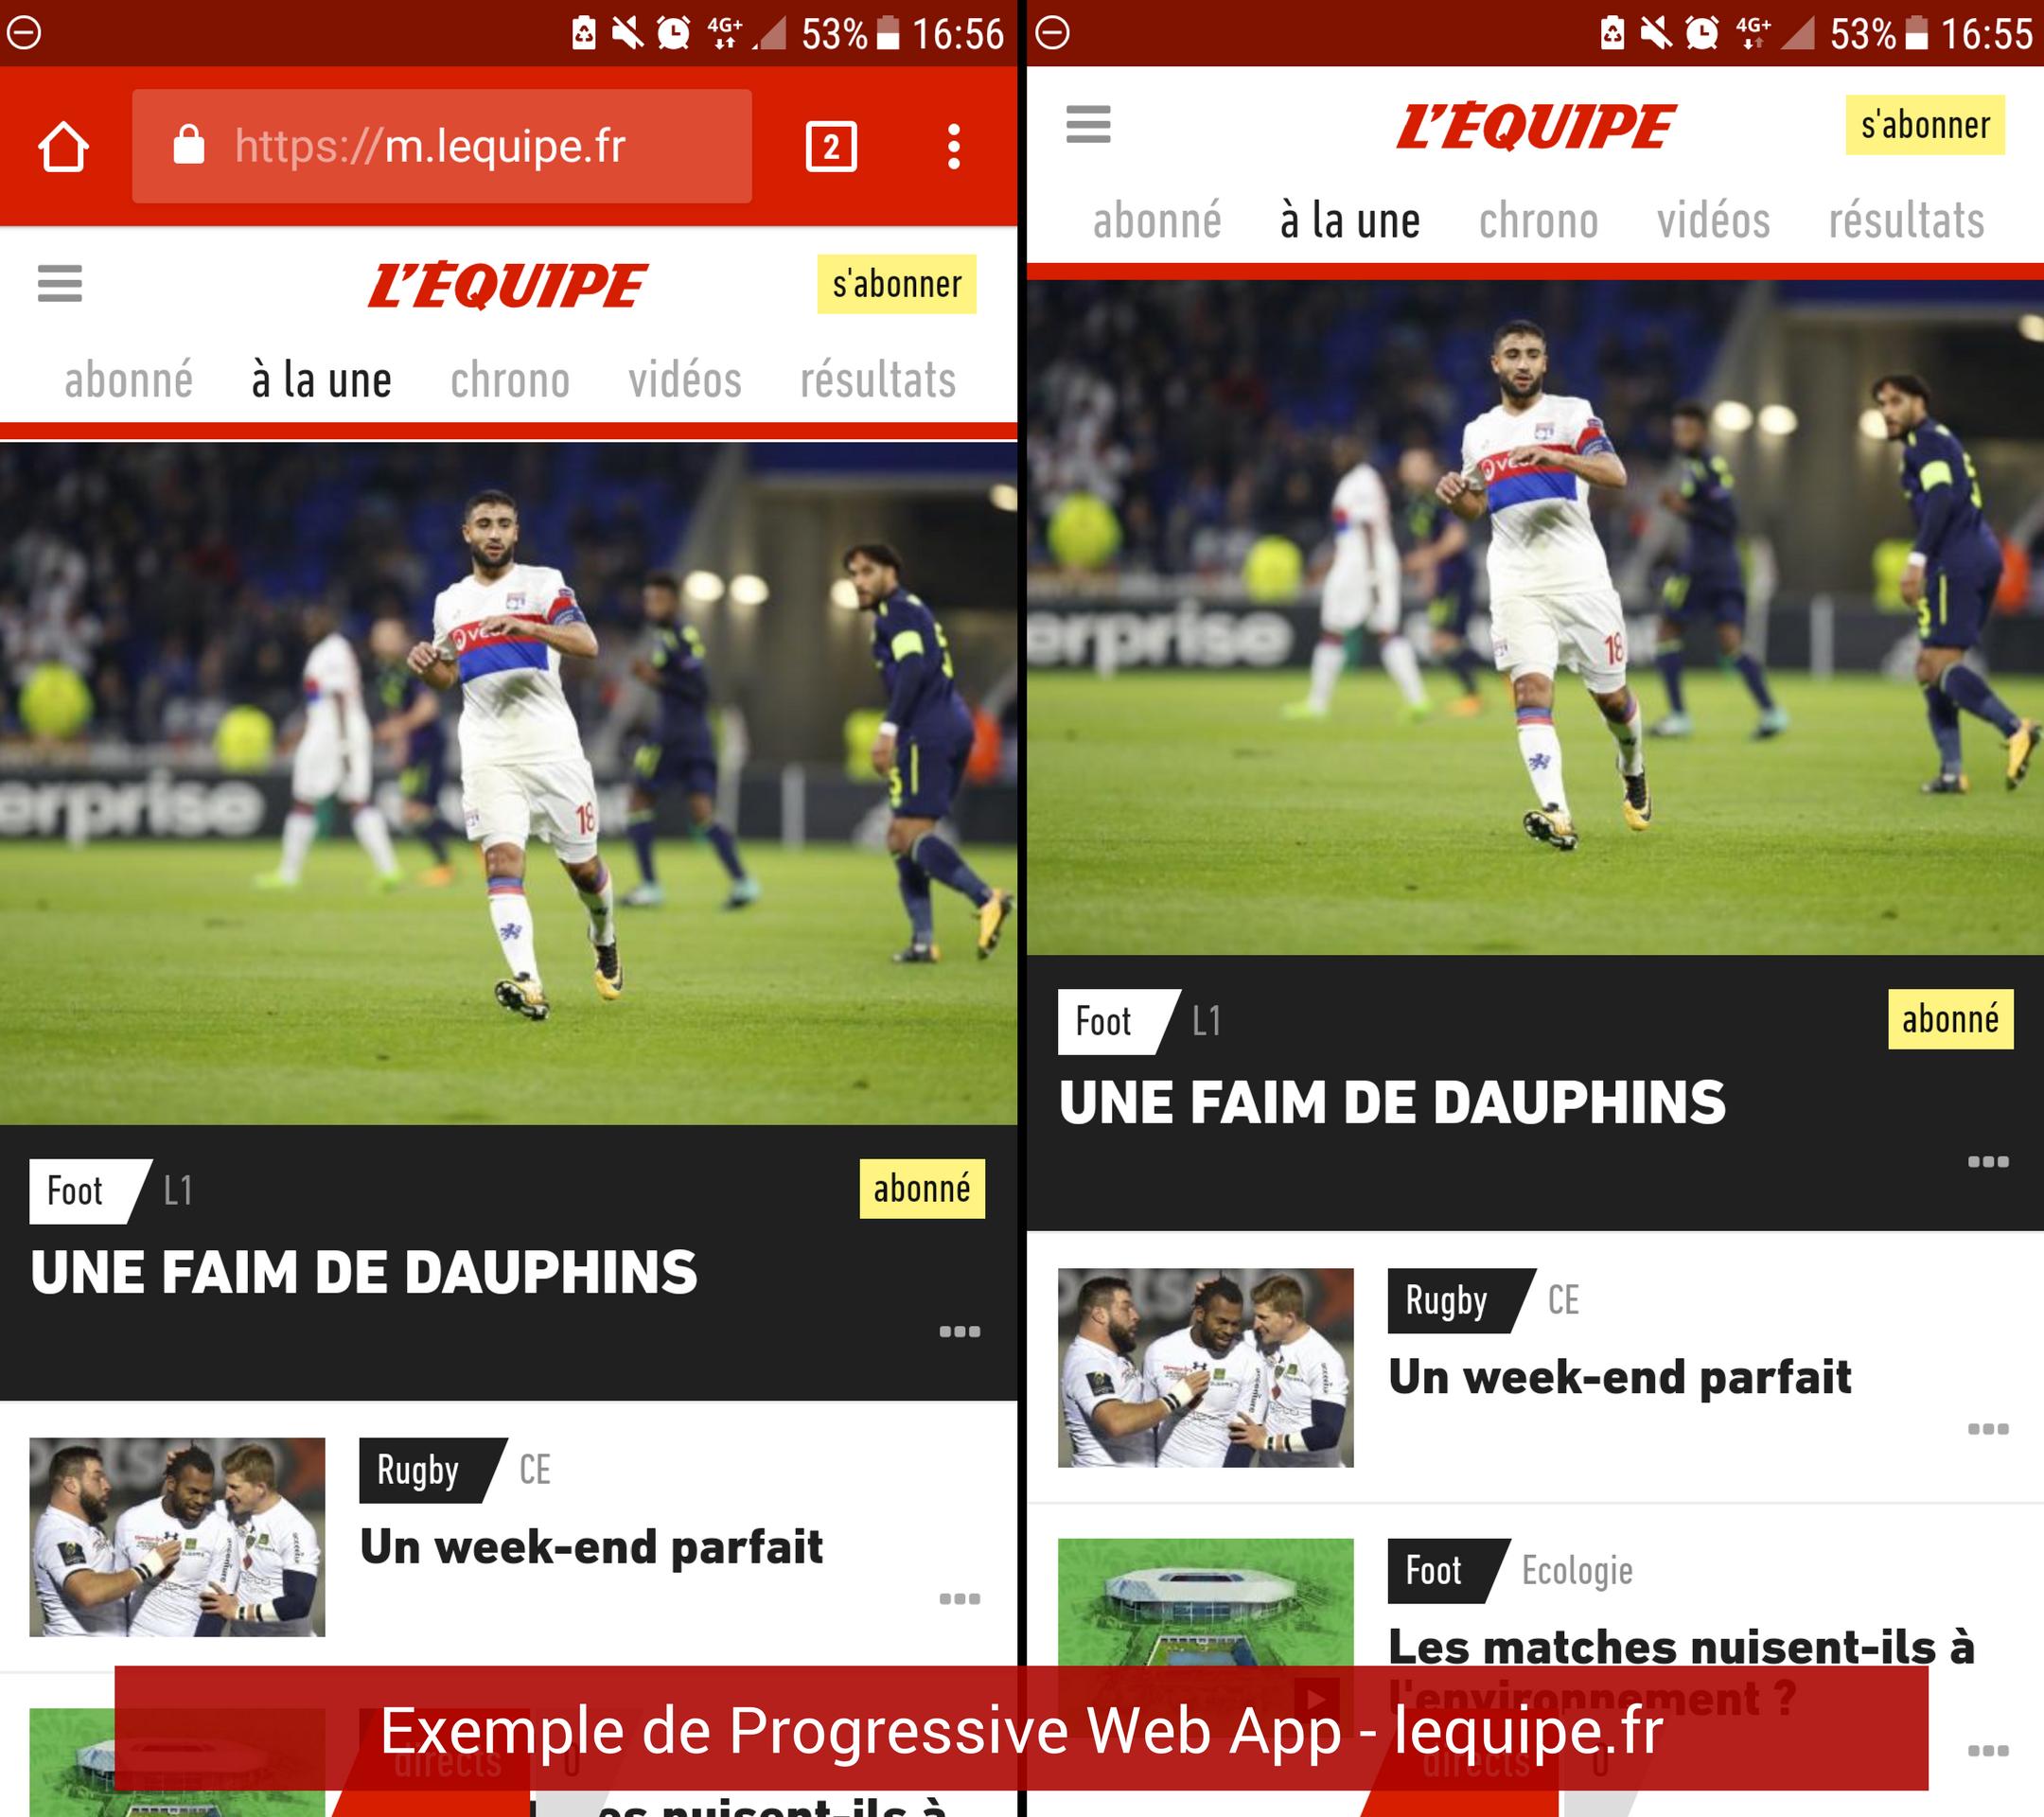 progressive-web-apps-l-equipe-mobile